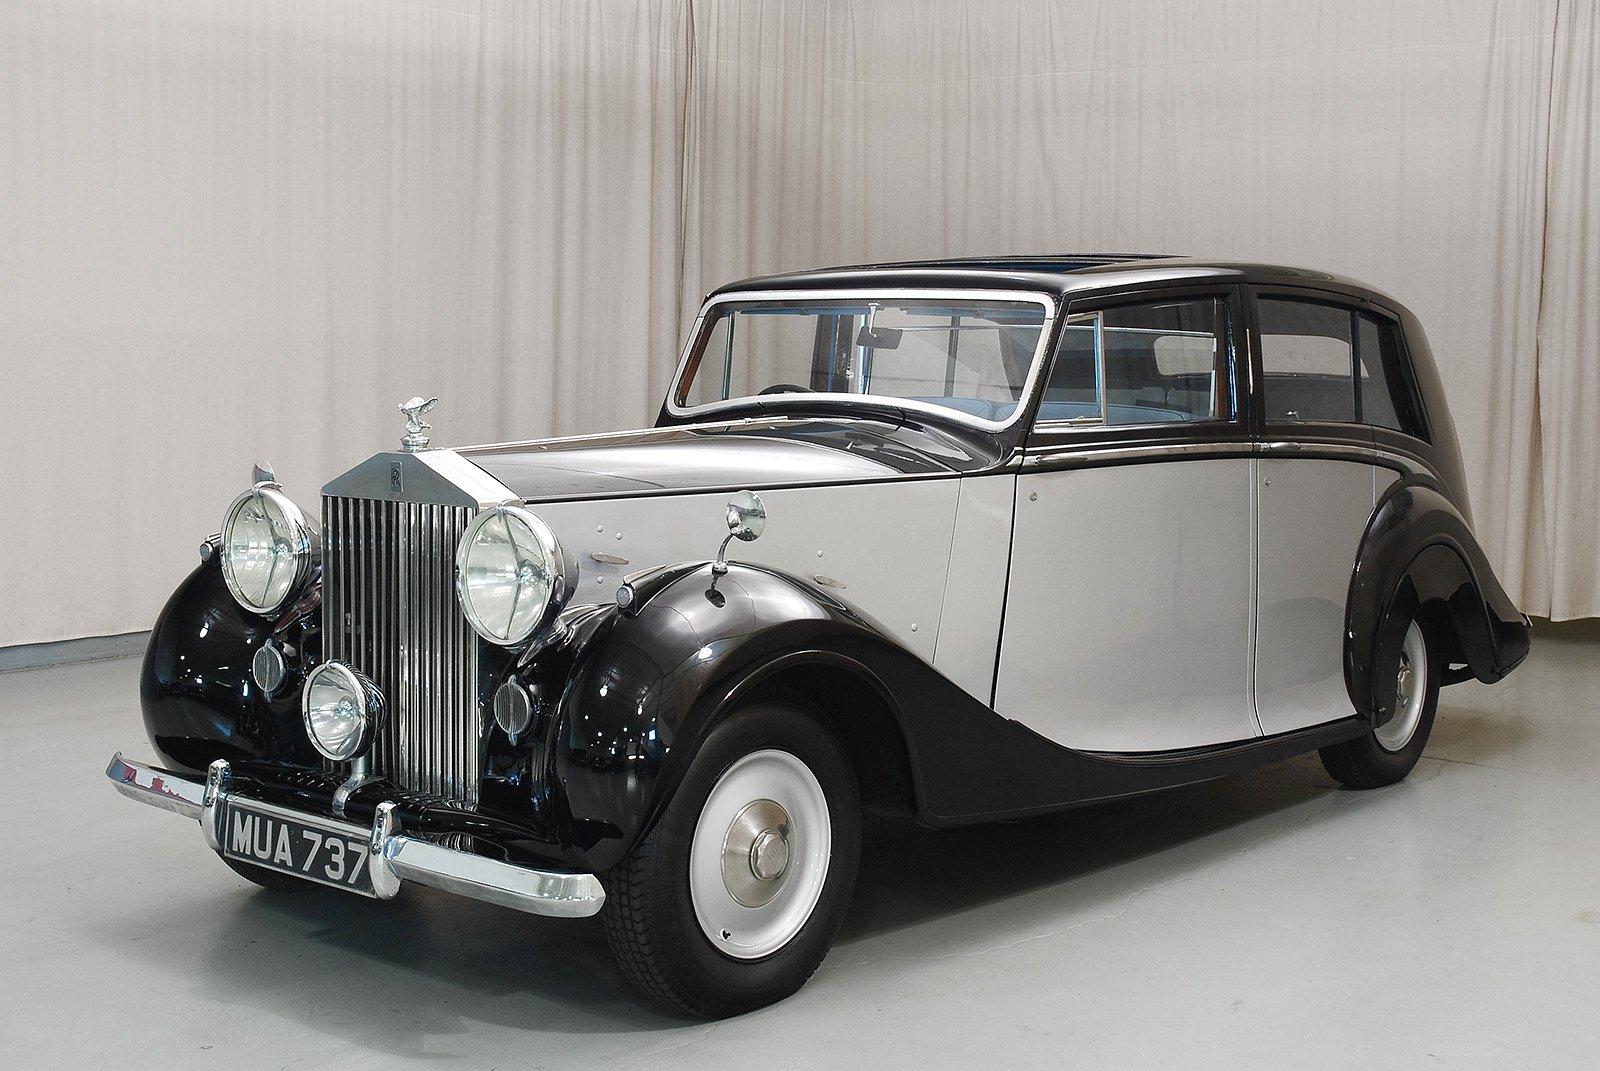 1949 rollsroyce silver wraith limousine